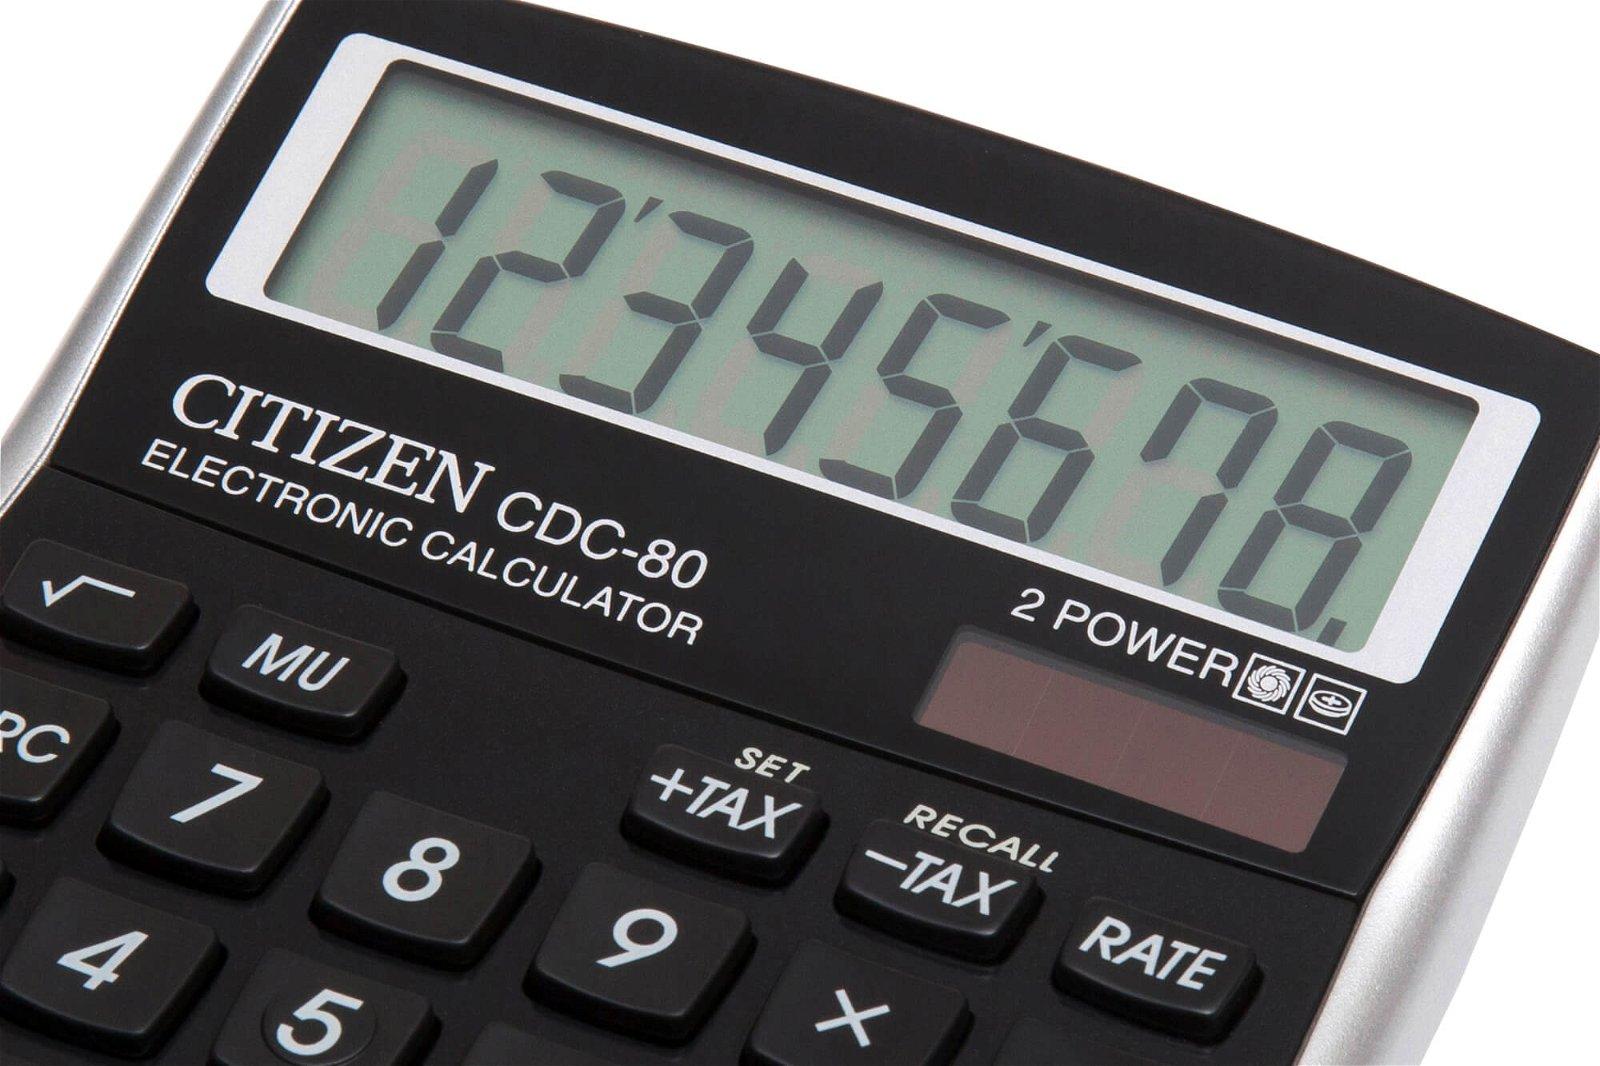 Tischrechner CDC 80BKWB, schwarz